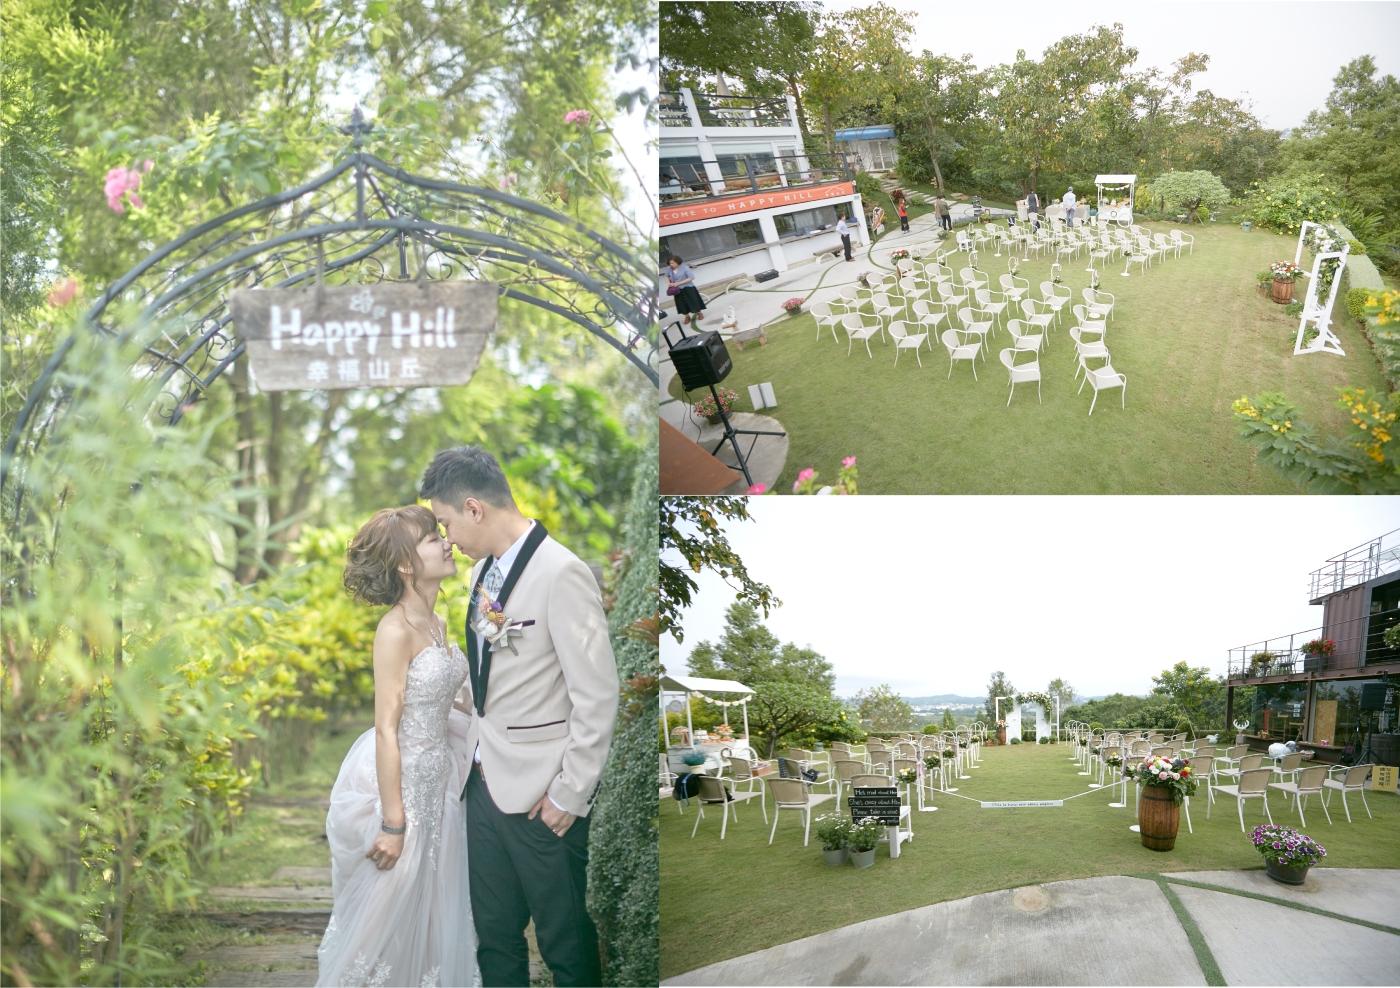 嘉義婚禮佈置推薦|戶外證婚|幸福山丘|憶起幸福|嘉義婚禮佈置評價|婚禮背板|花藝設計|